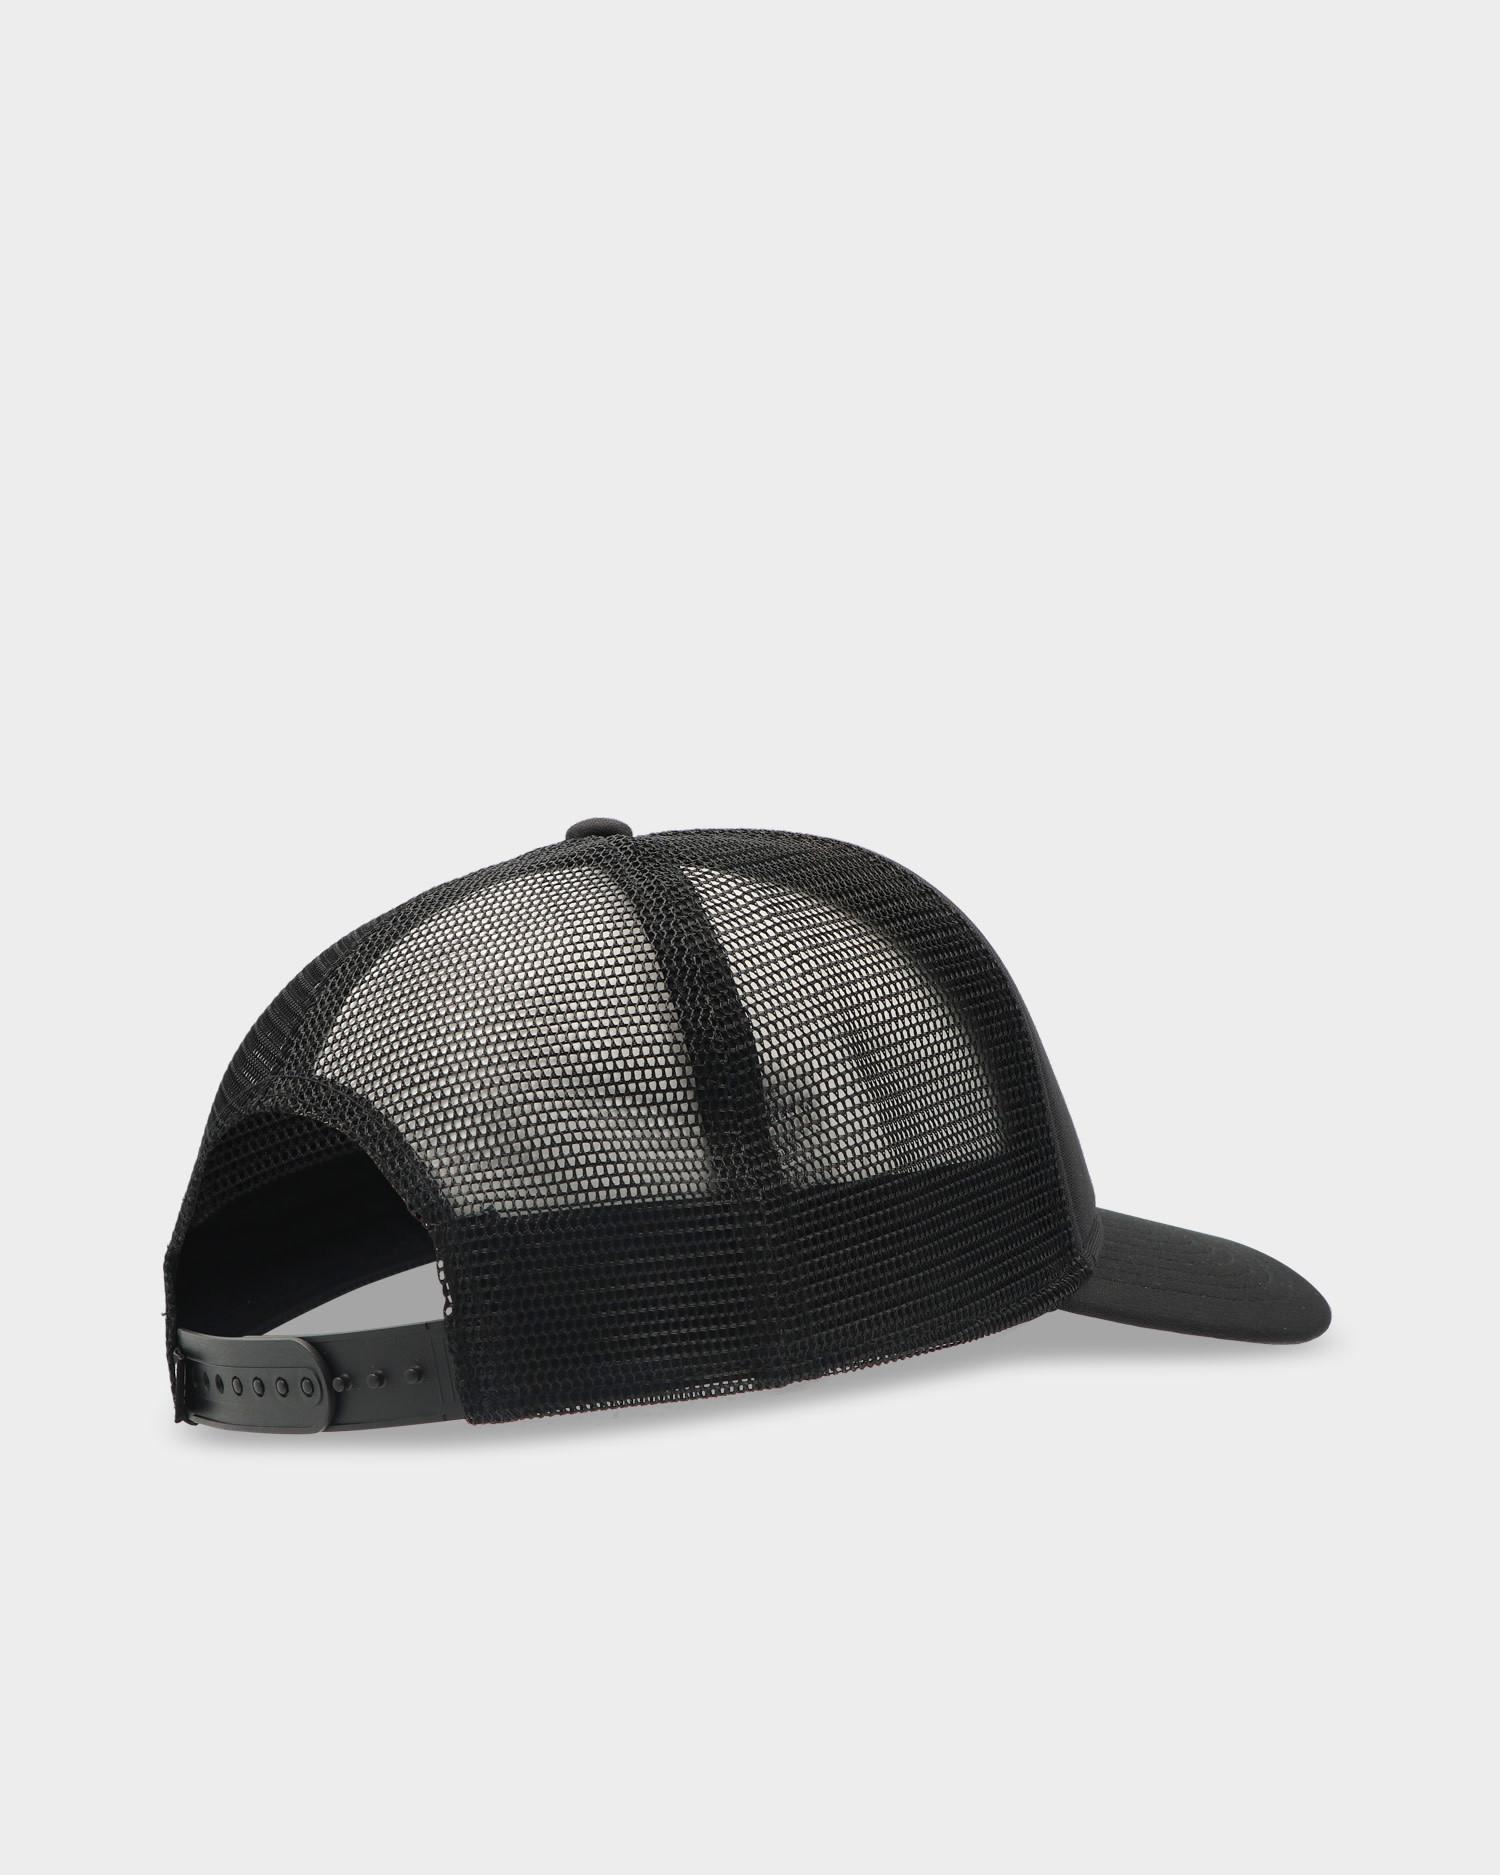 Nike SB Samborghini Trucker Cap Black